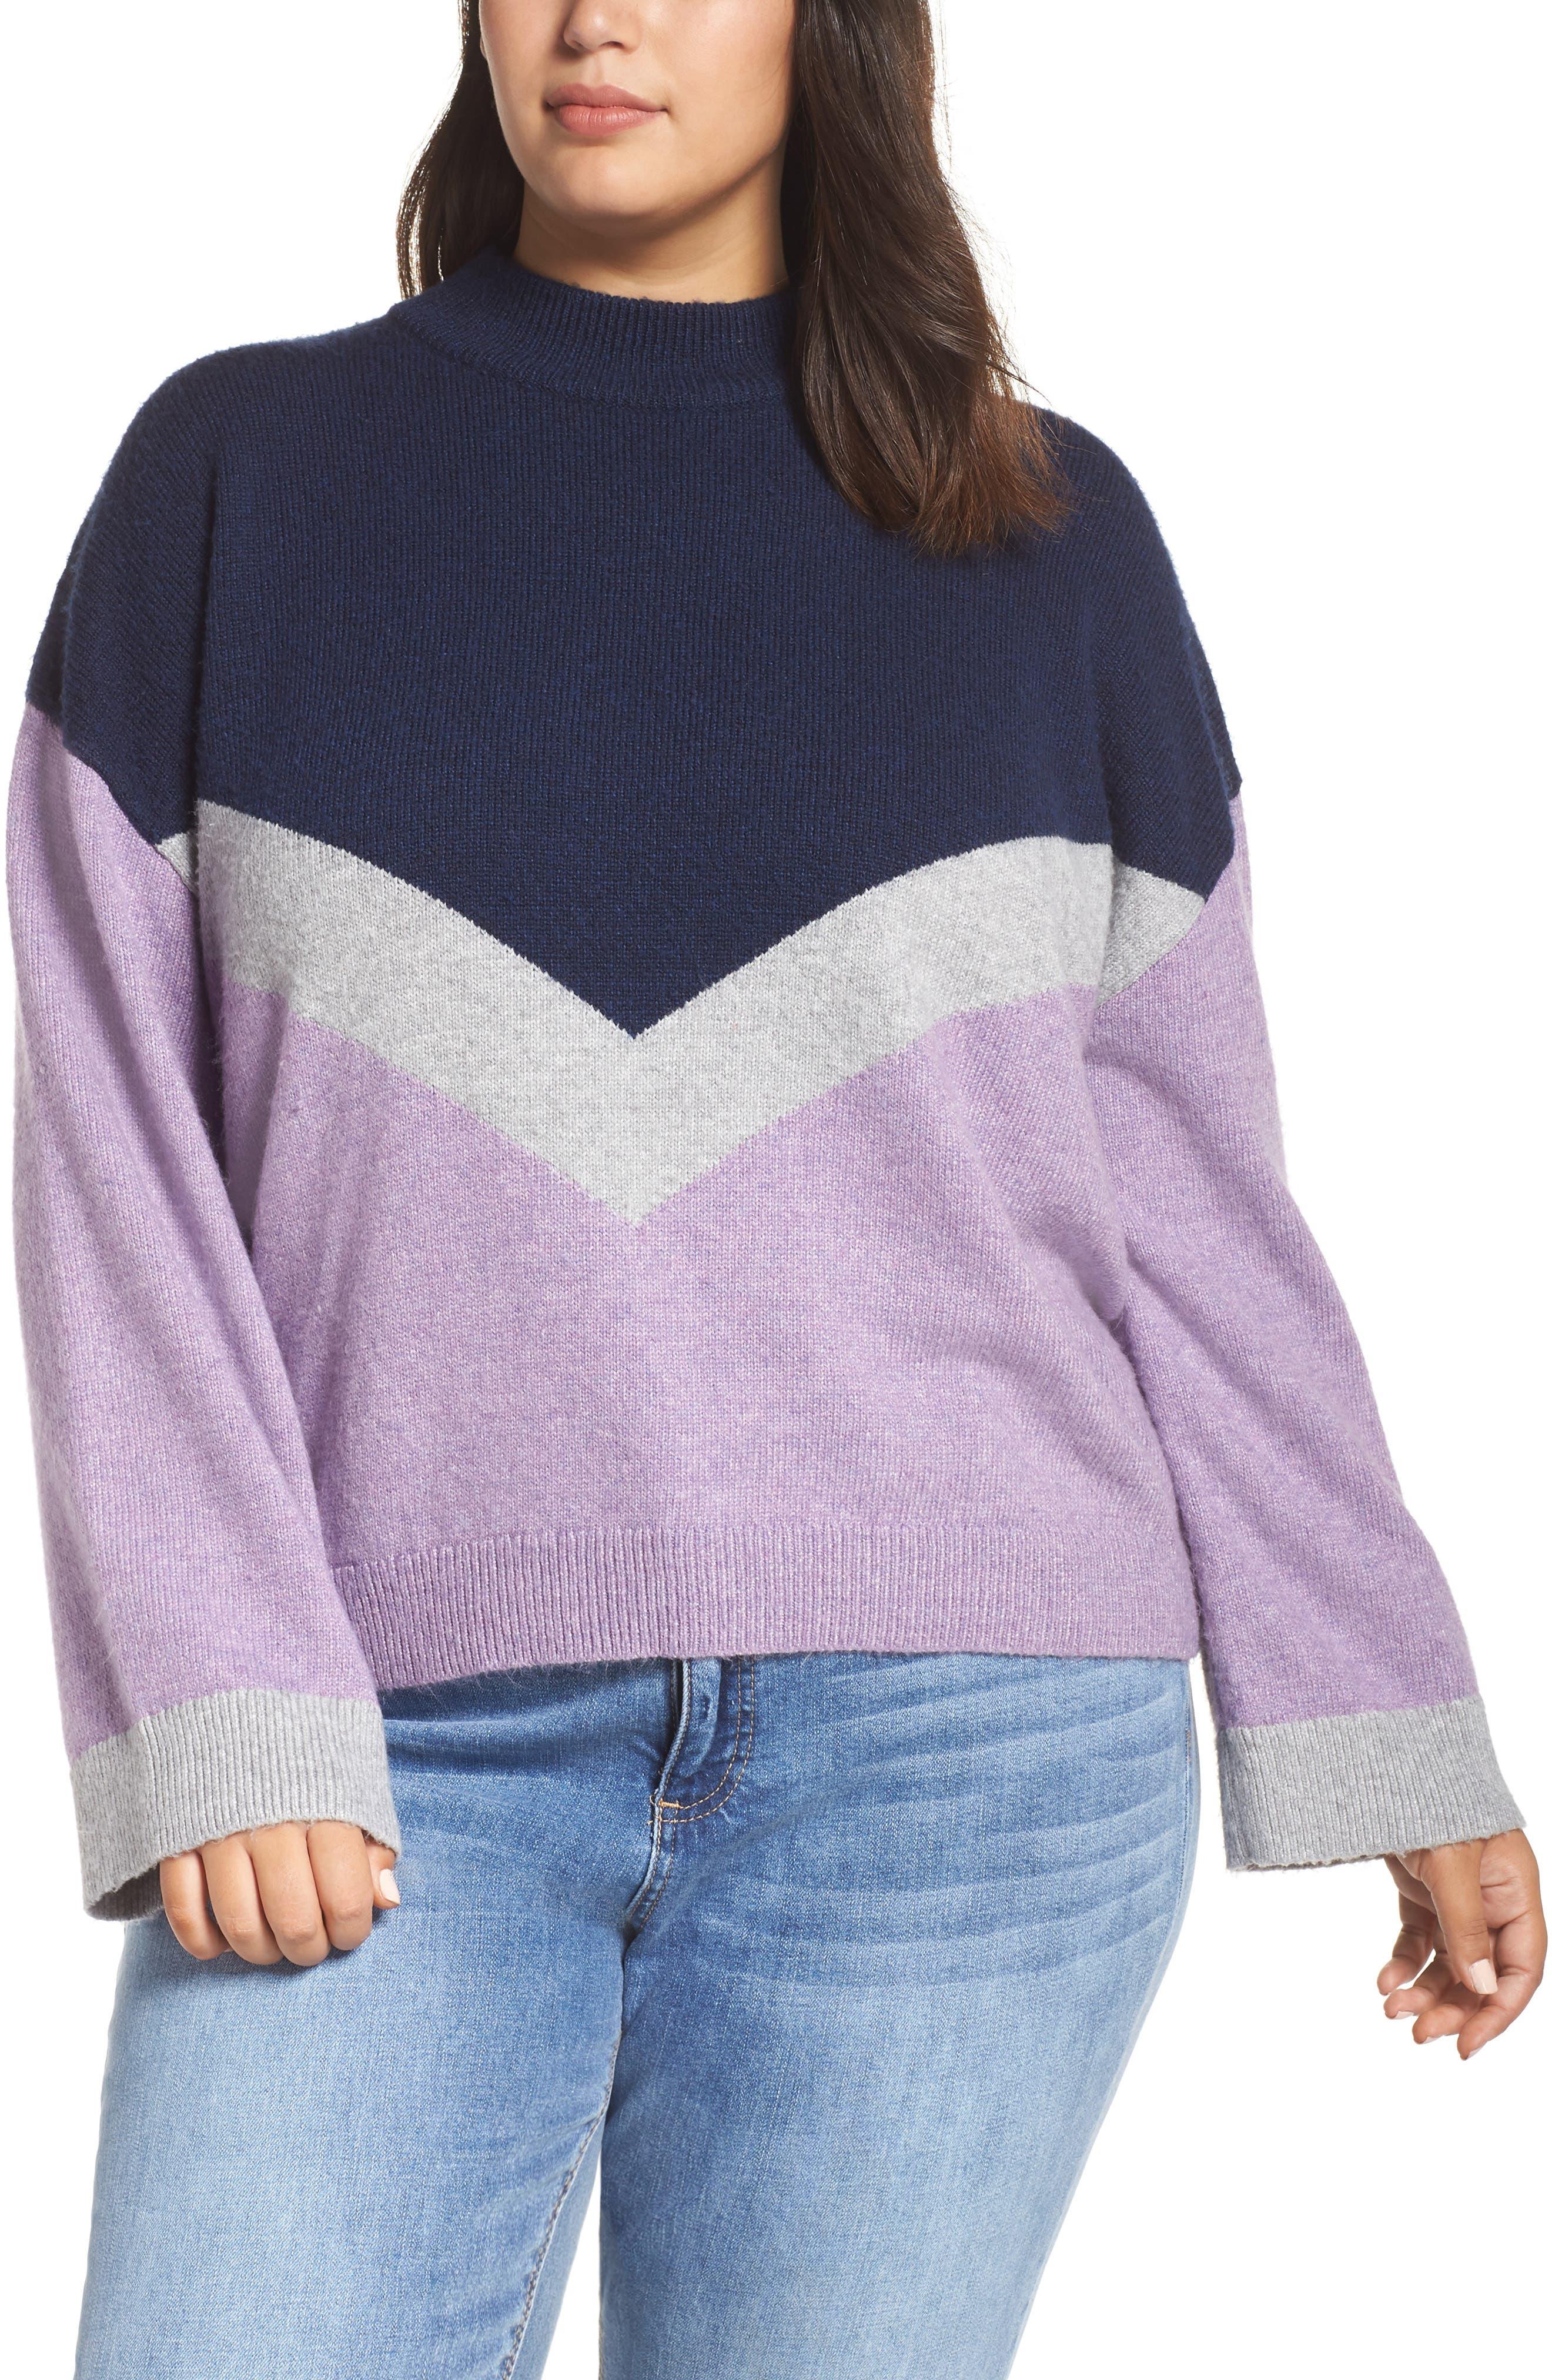 Chevron Stripe Sweater,                         Main,                         color, PURPLE WAVE CHALET